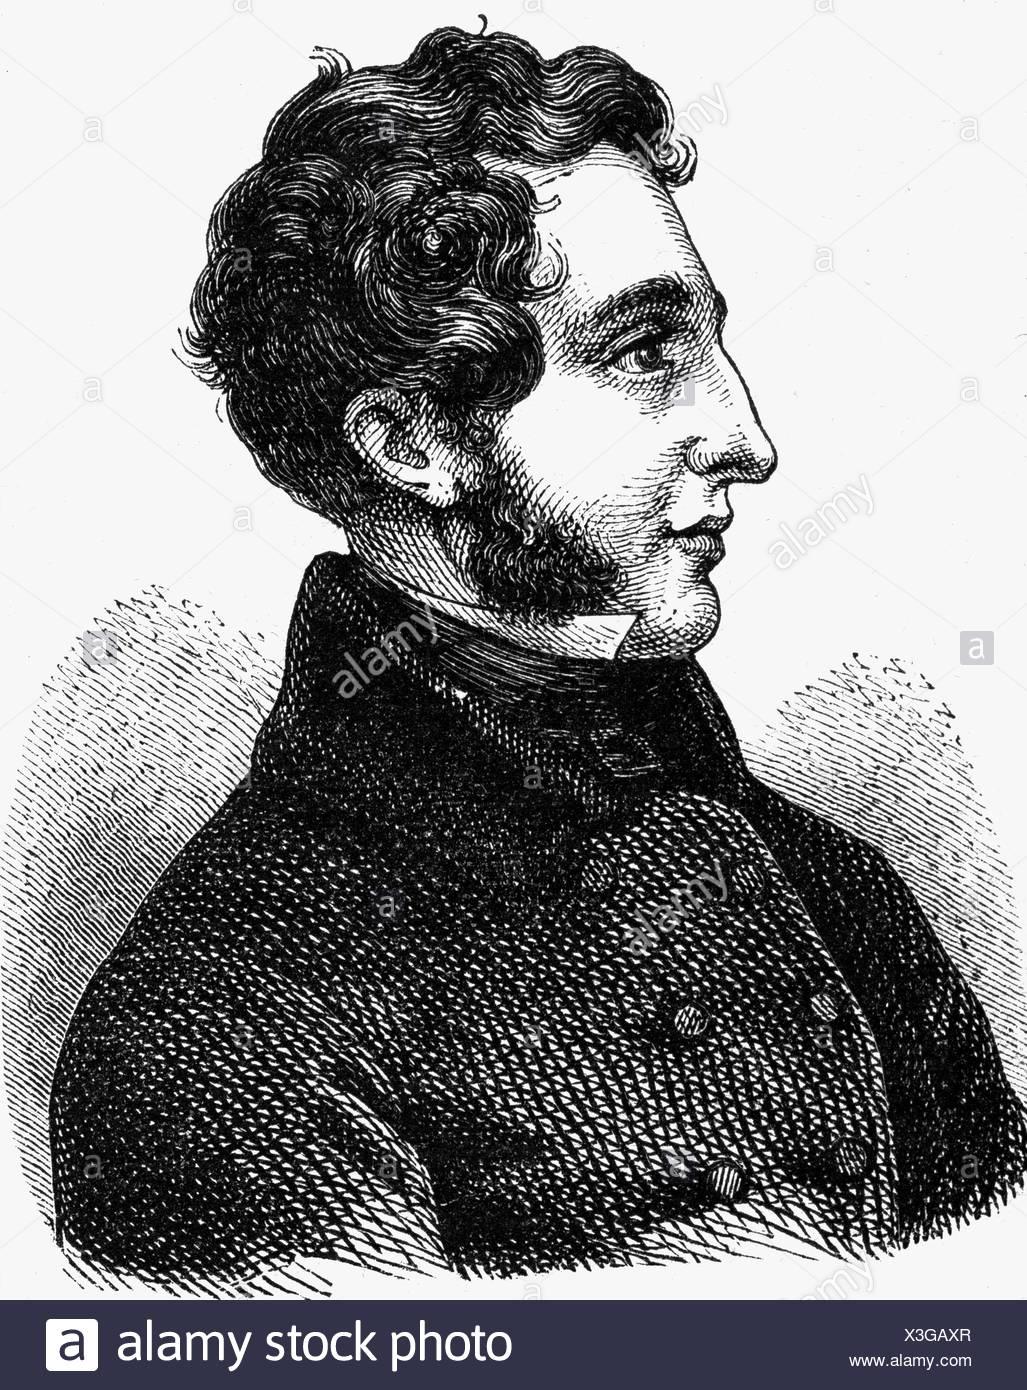 Bulwer-Lytton, Edward, 1. Baron Lytton, 25.5.1803 - 18.1.1873, politicien britannique et auteur/écrivain, portrait, gravure de bois, XIXe siècle, Banque D'Images